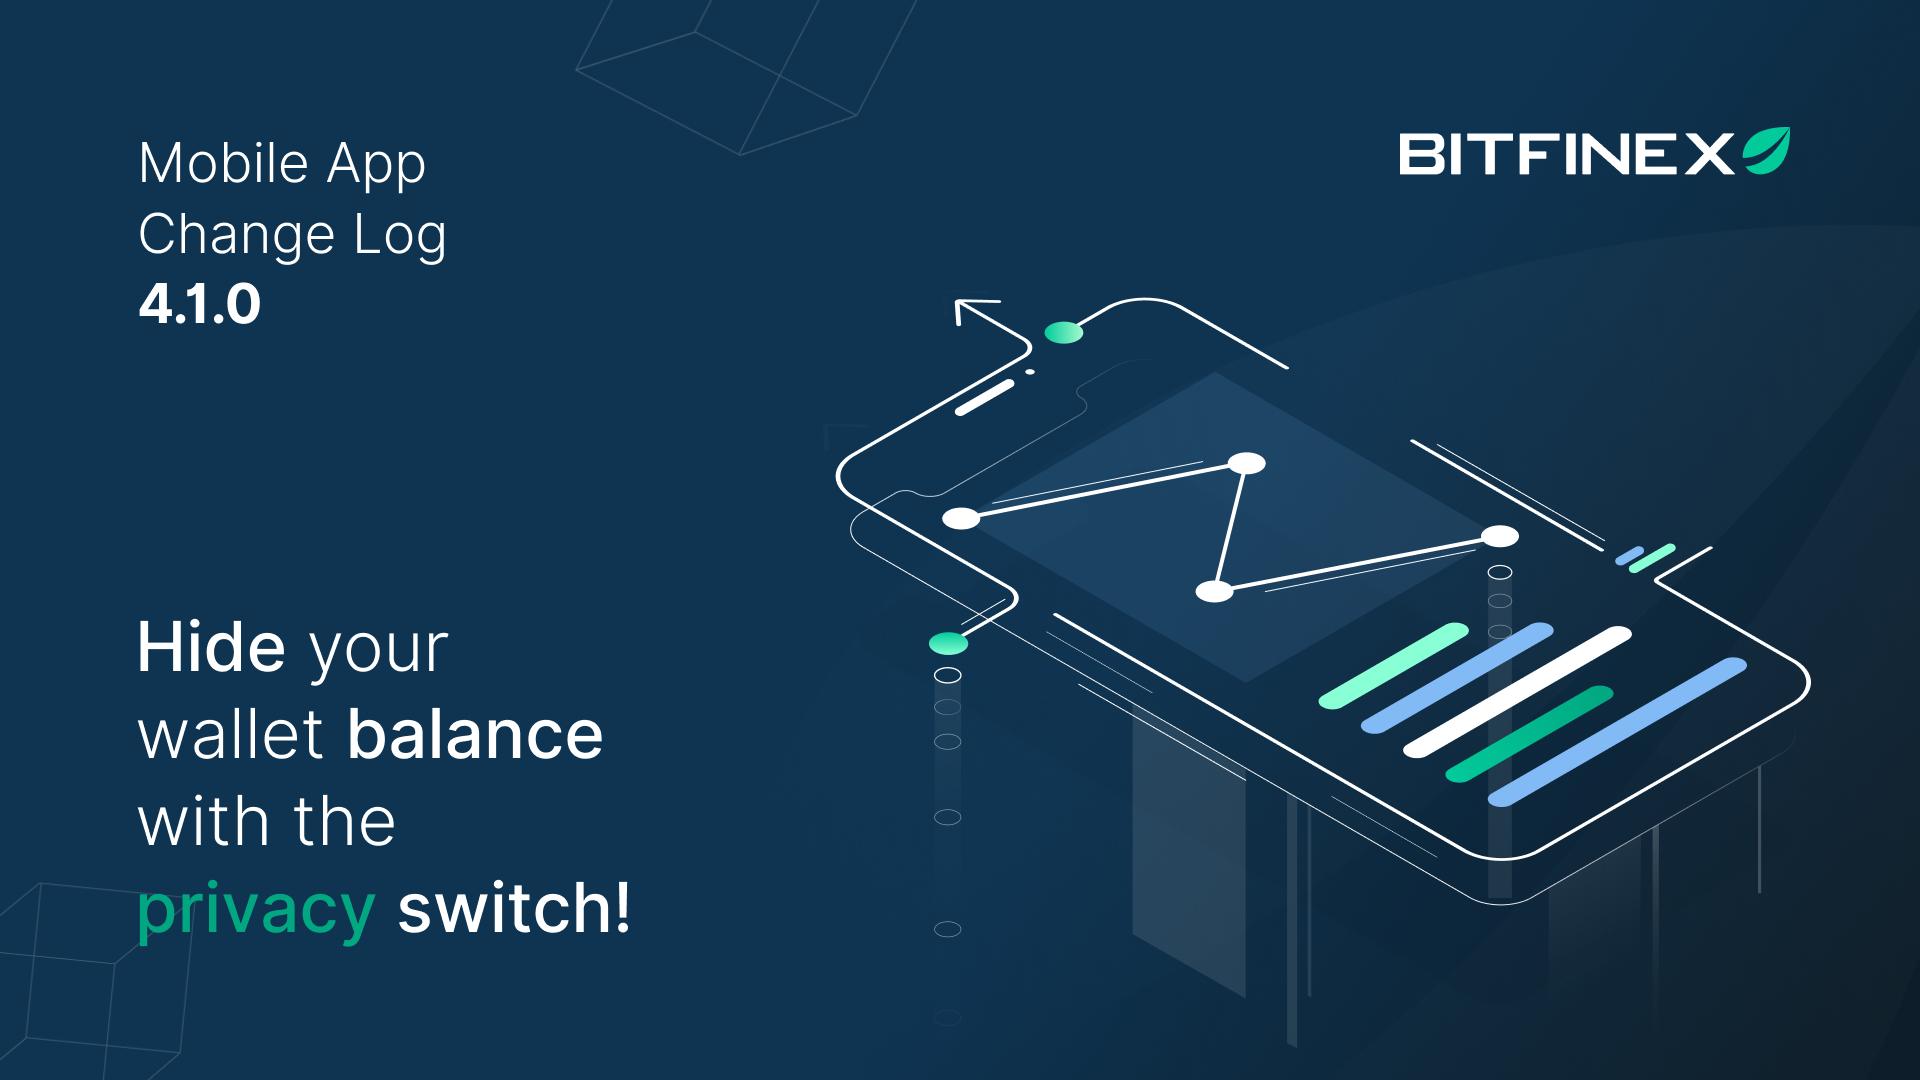 Mobile App Change Log 4.1.0 - Bitfinex blog